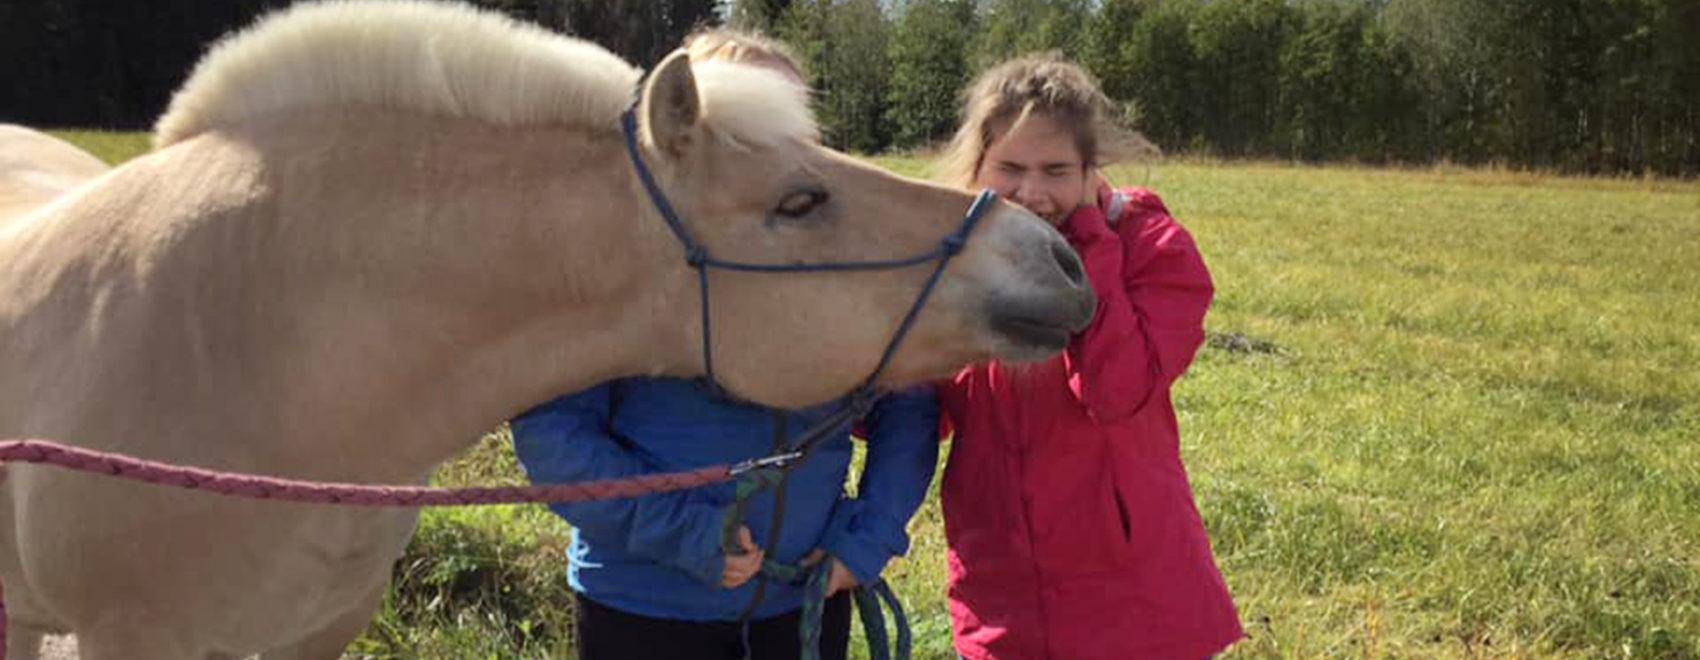 Metsolan palvelukeskuksen asukas silittää hevosta.